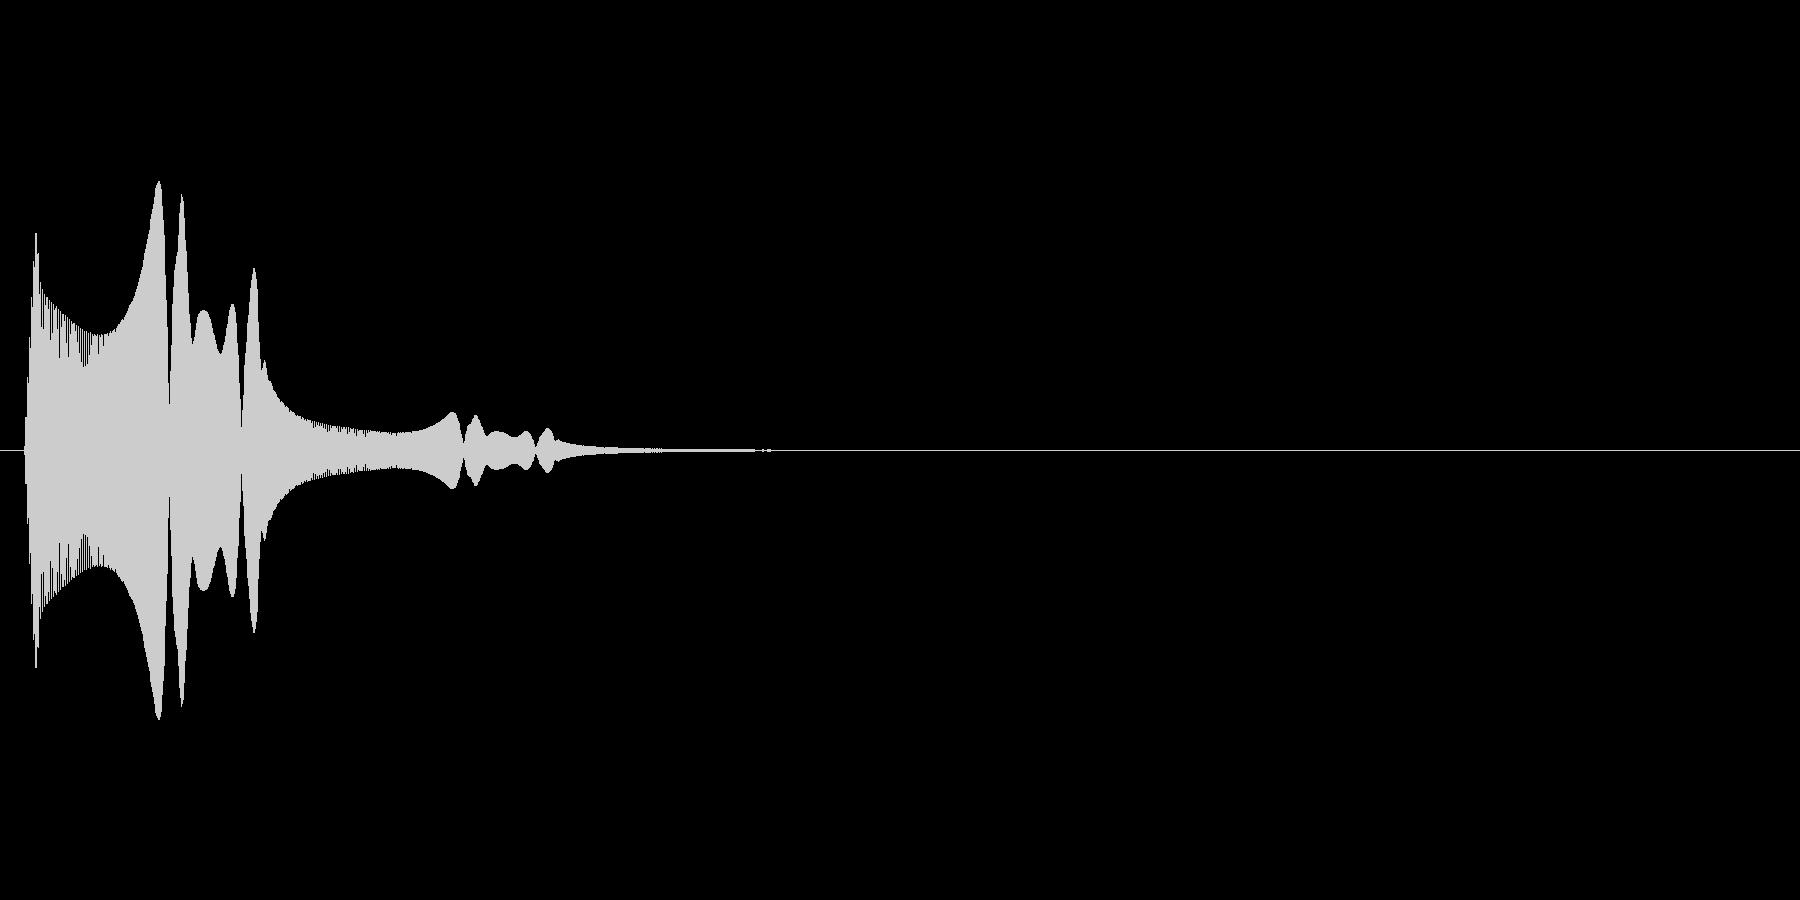 柔らかいものにタッチしたときの効果音1の未再生の波形